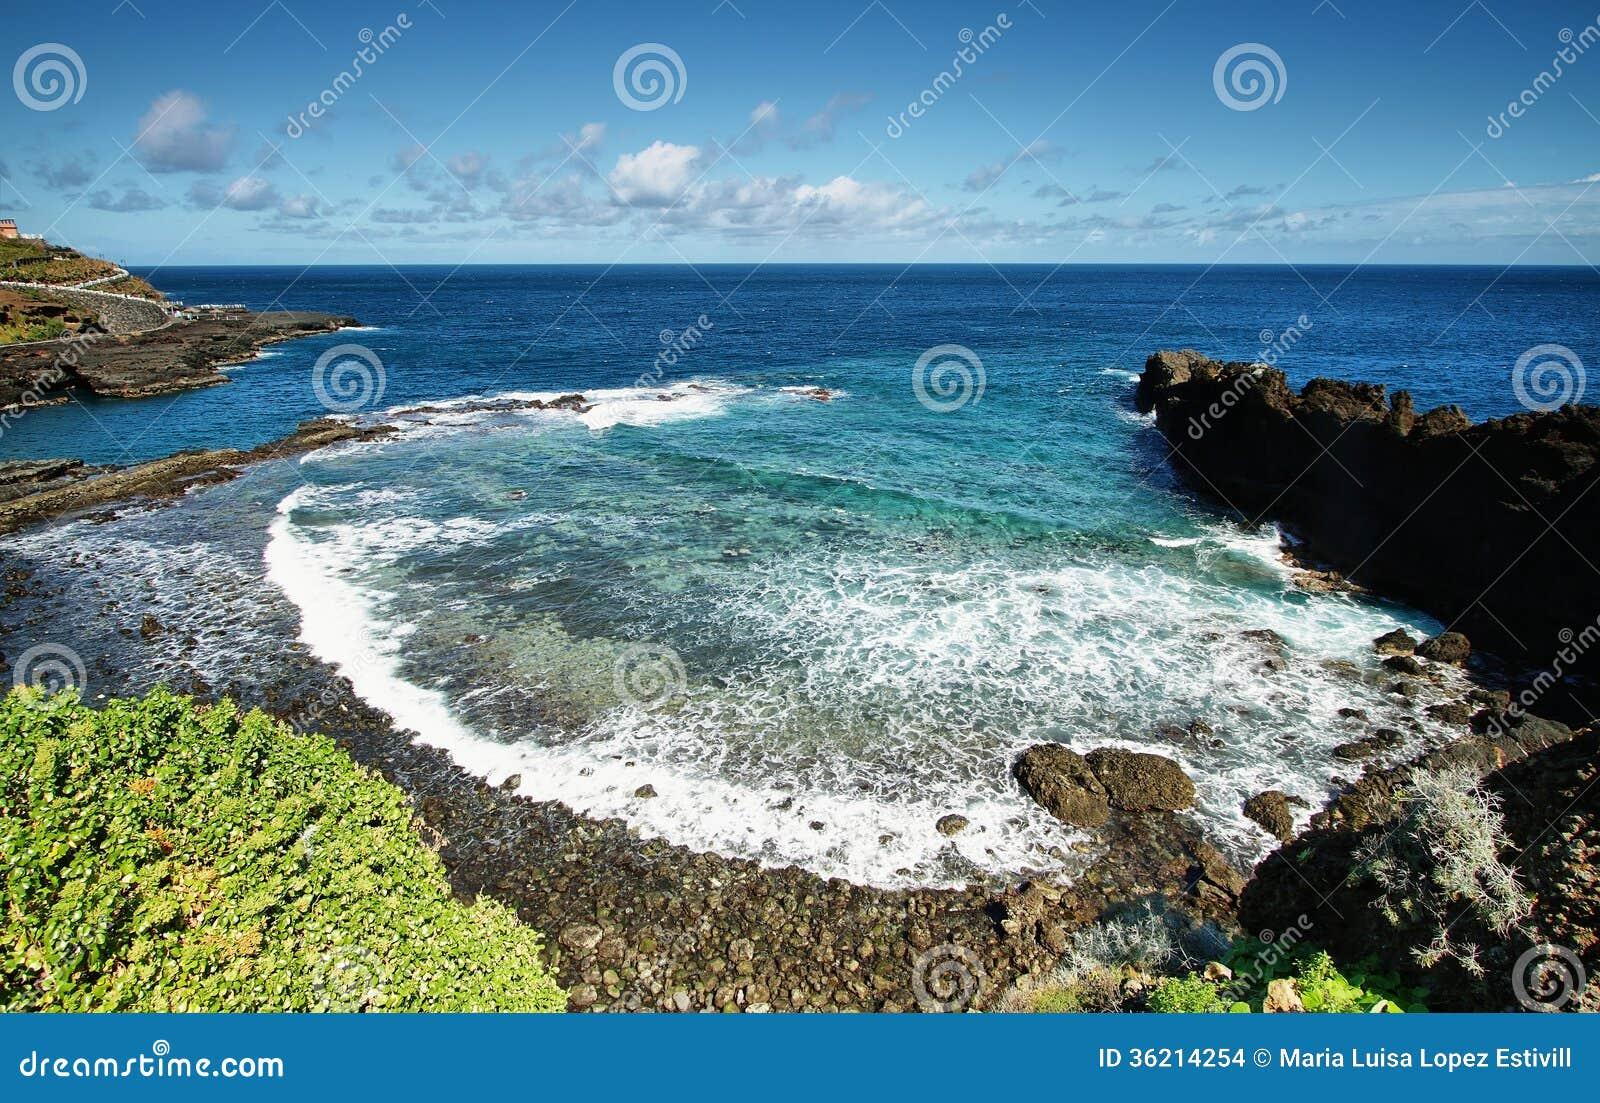 Recreatief gebied dat als Charco wordt bekend azul